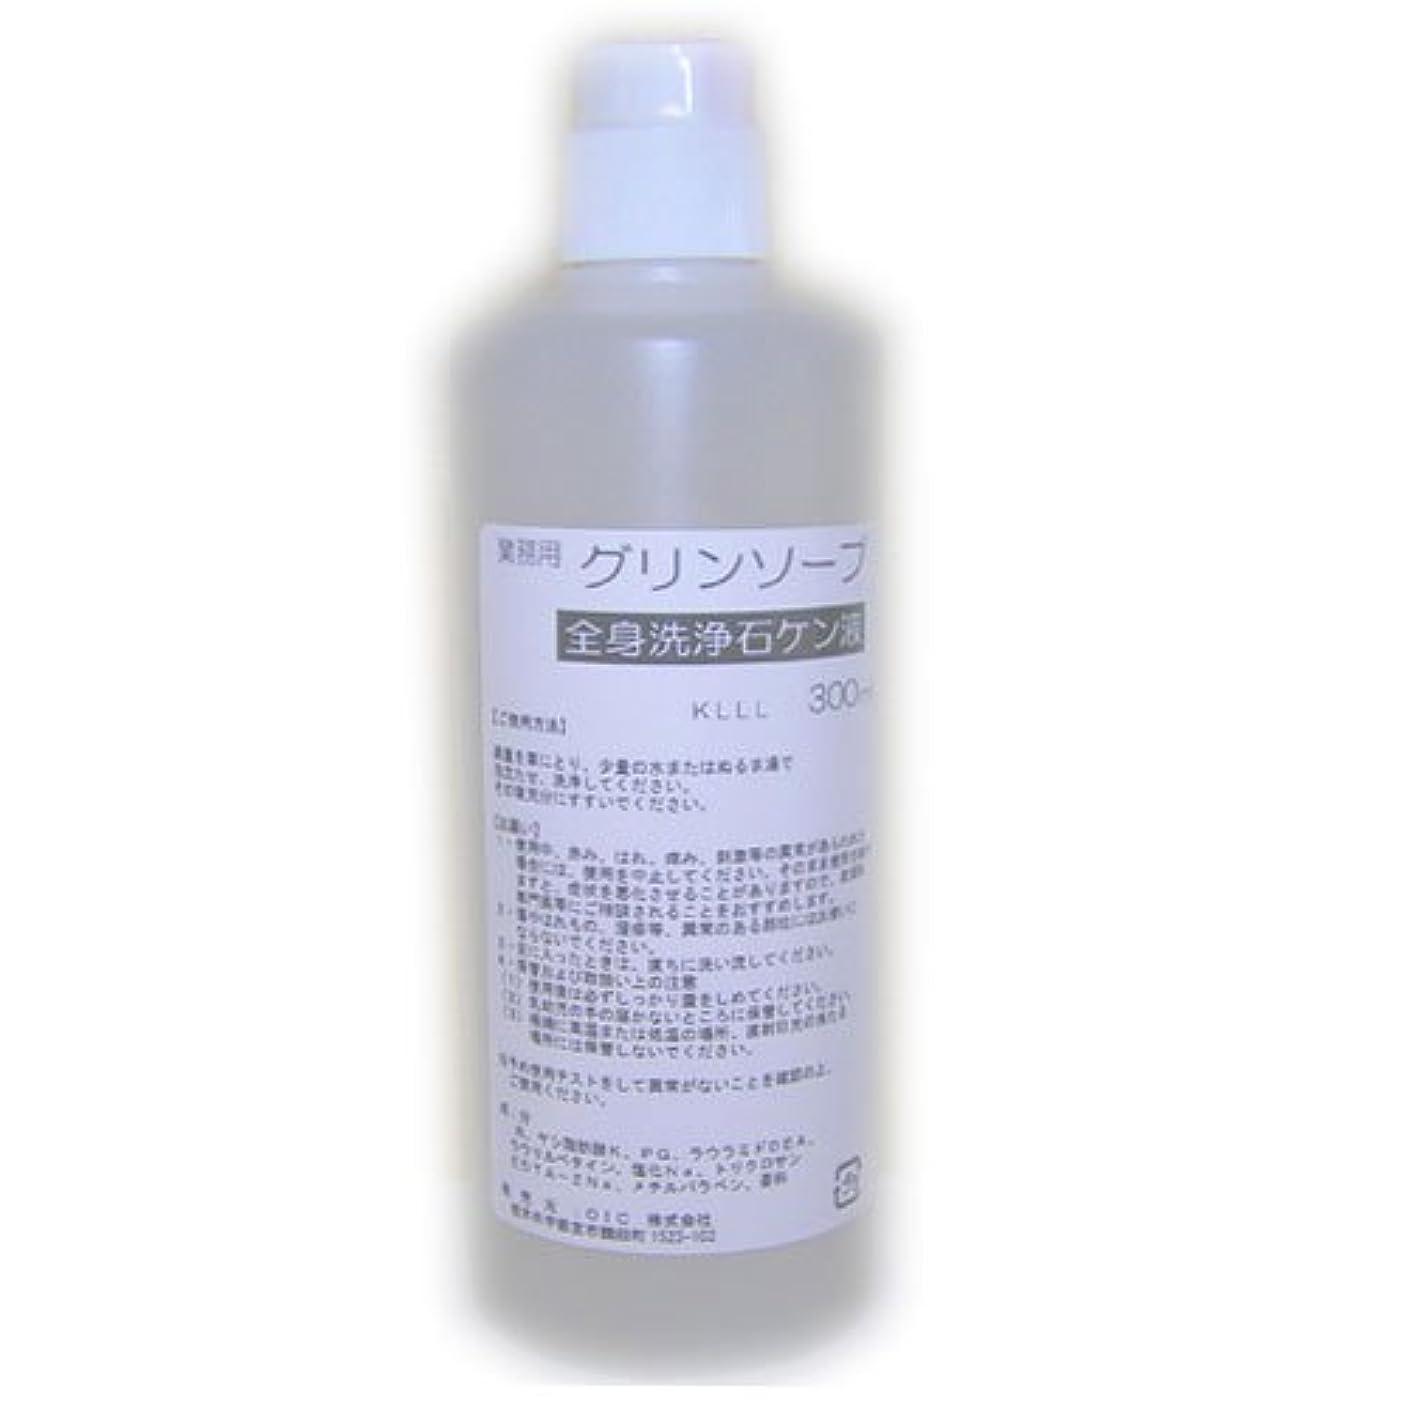 キャラバン行列硬化する業務用ボディソープ 殺菌成分配合?消毒石鹸液 グリンソープ (300ml)